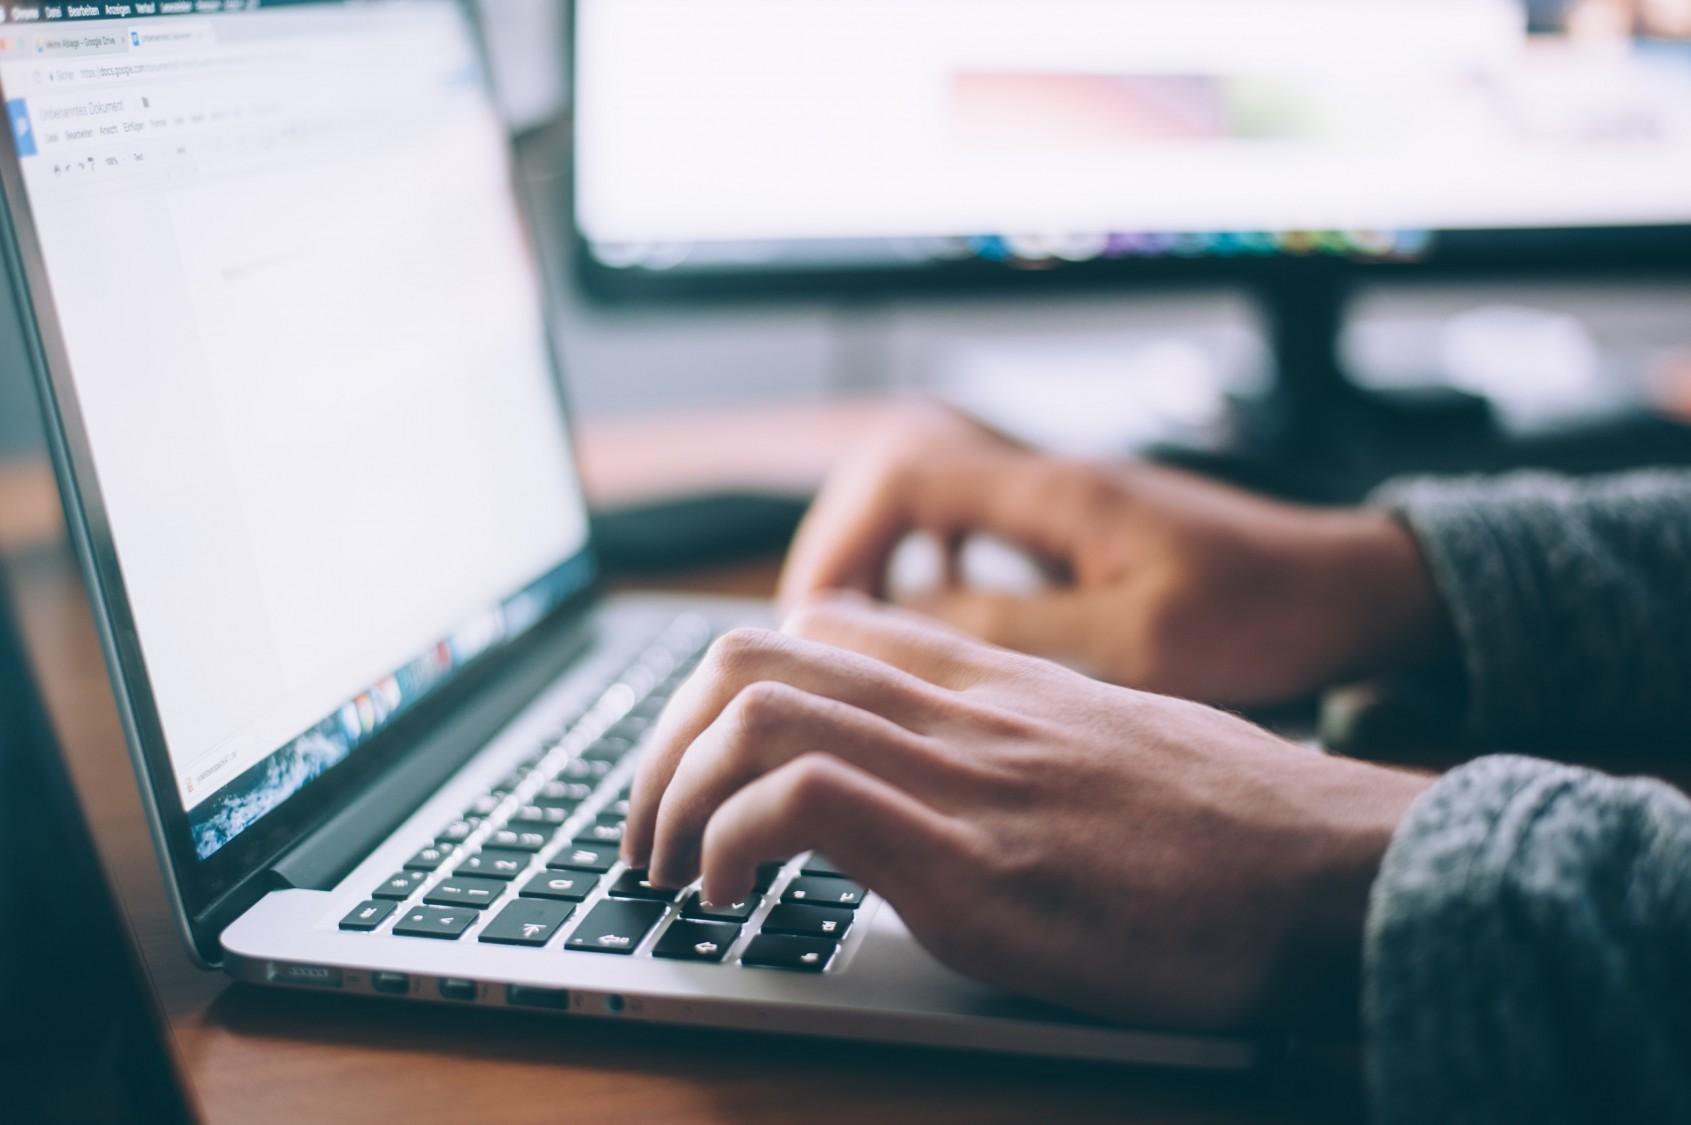 Kuvituskuva, ihminen käytttää tietokonetta